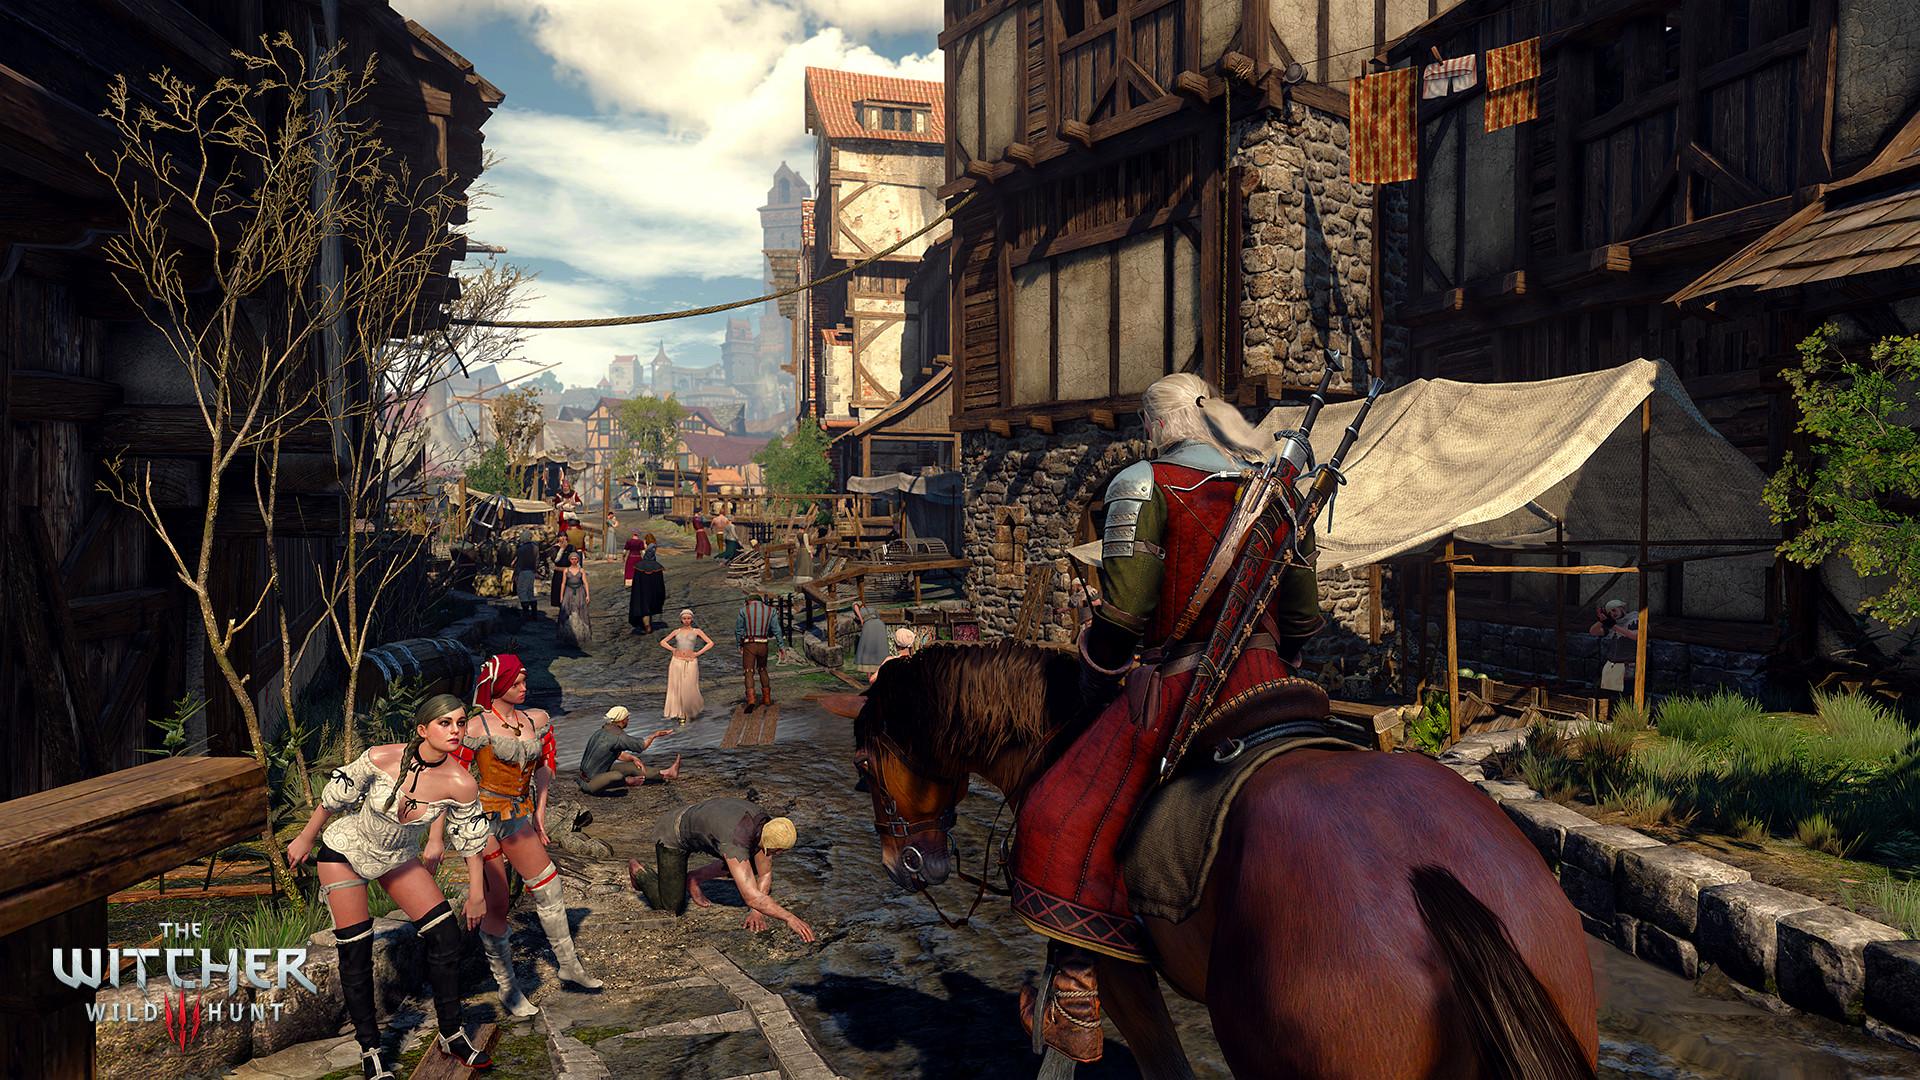 《巫师3》Steam版更新补丁 支持简体中文业界良心